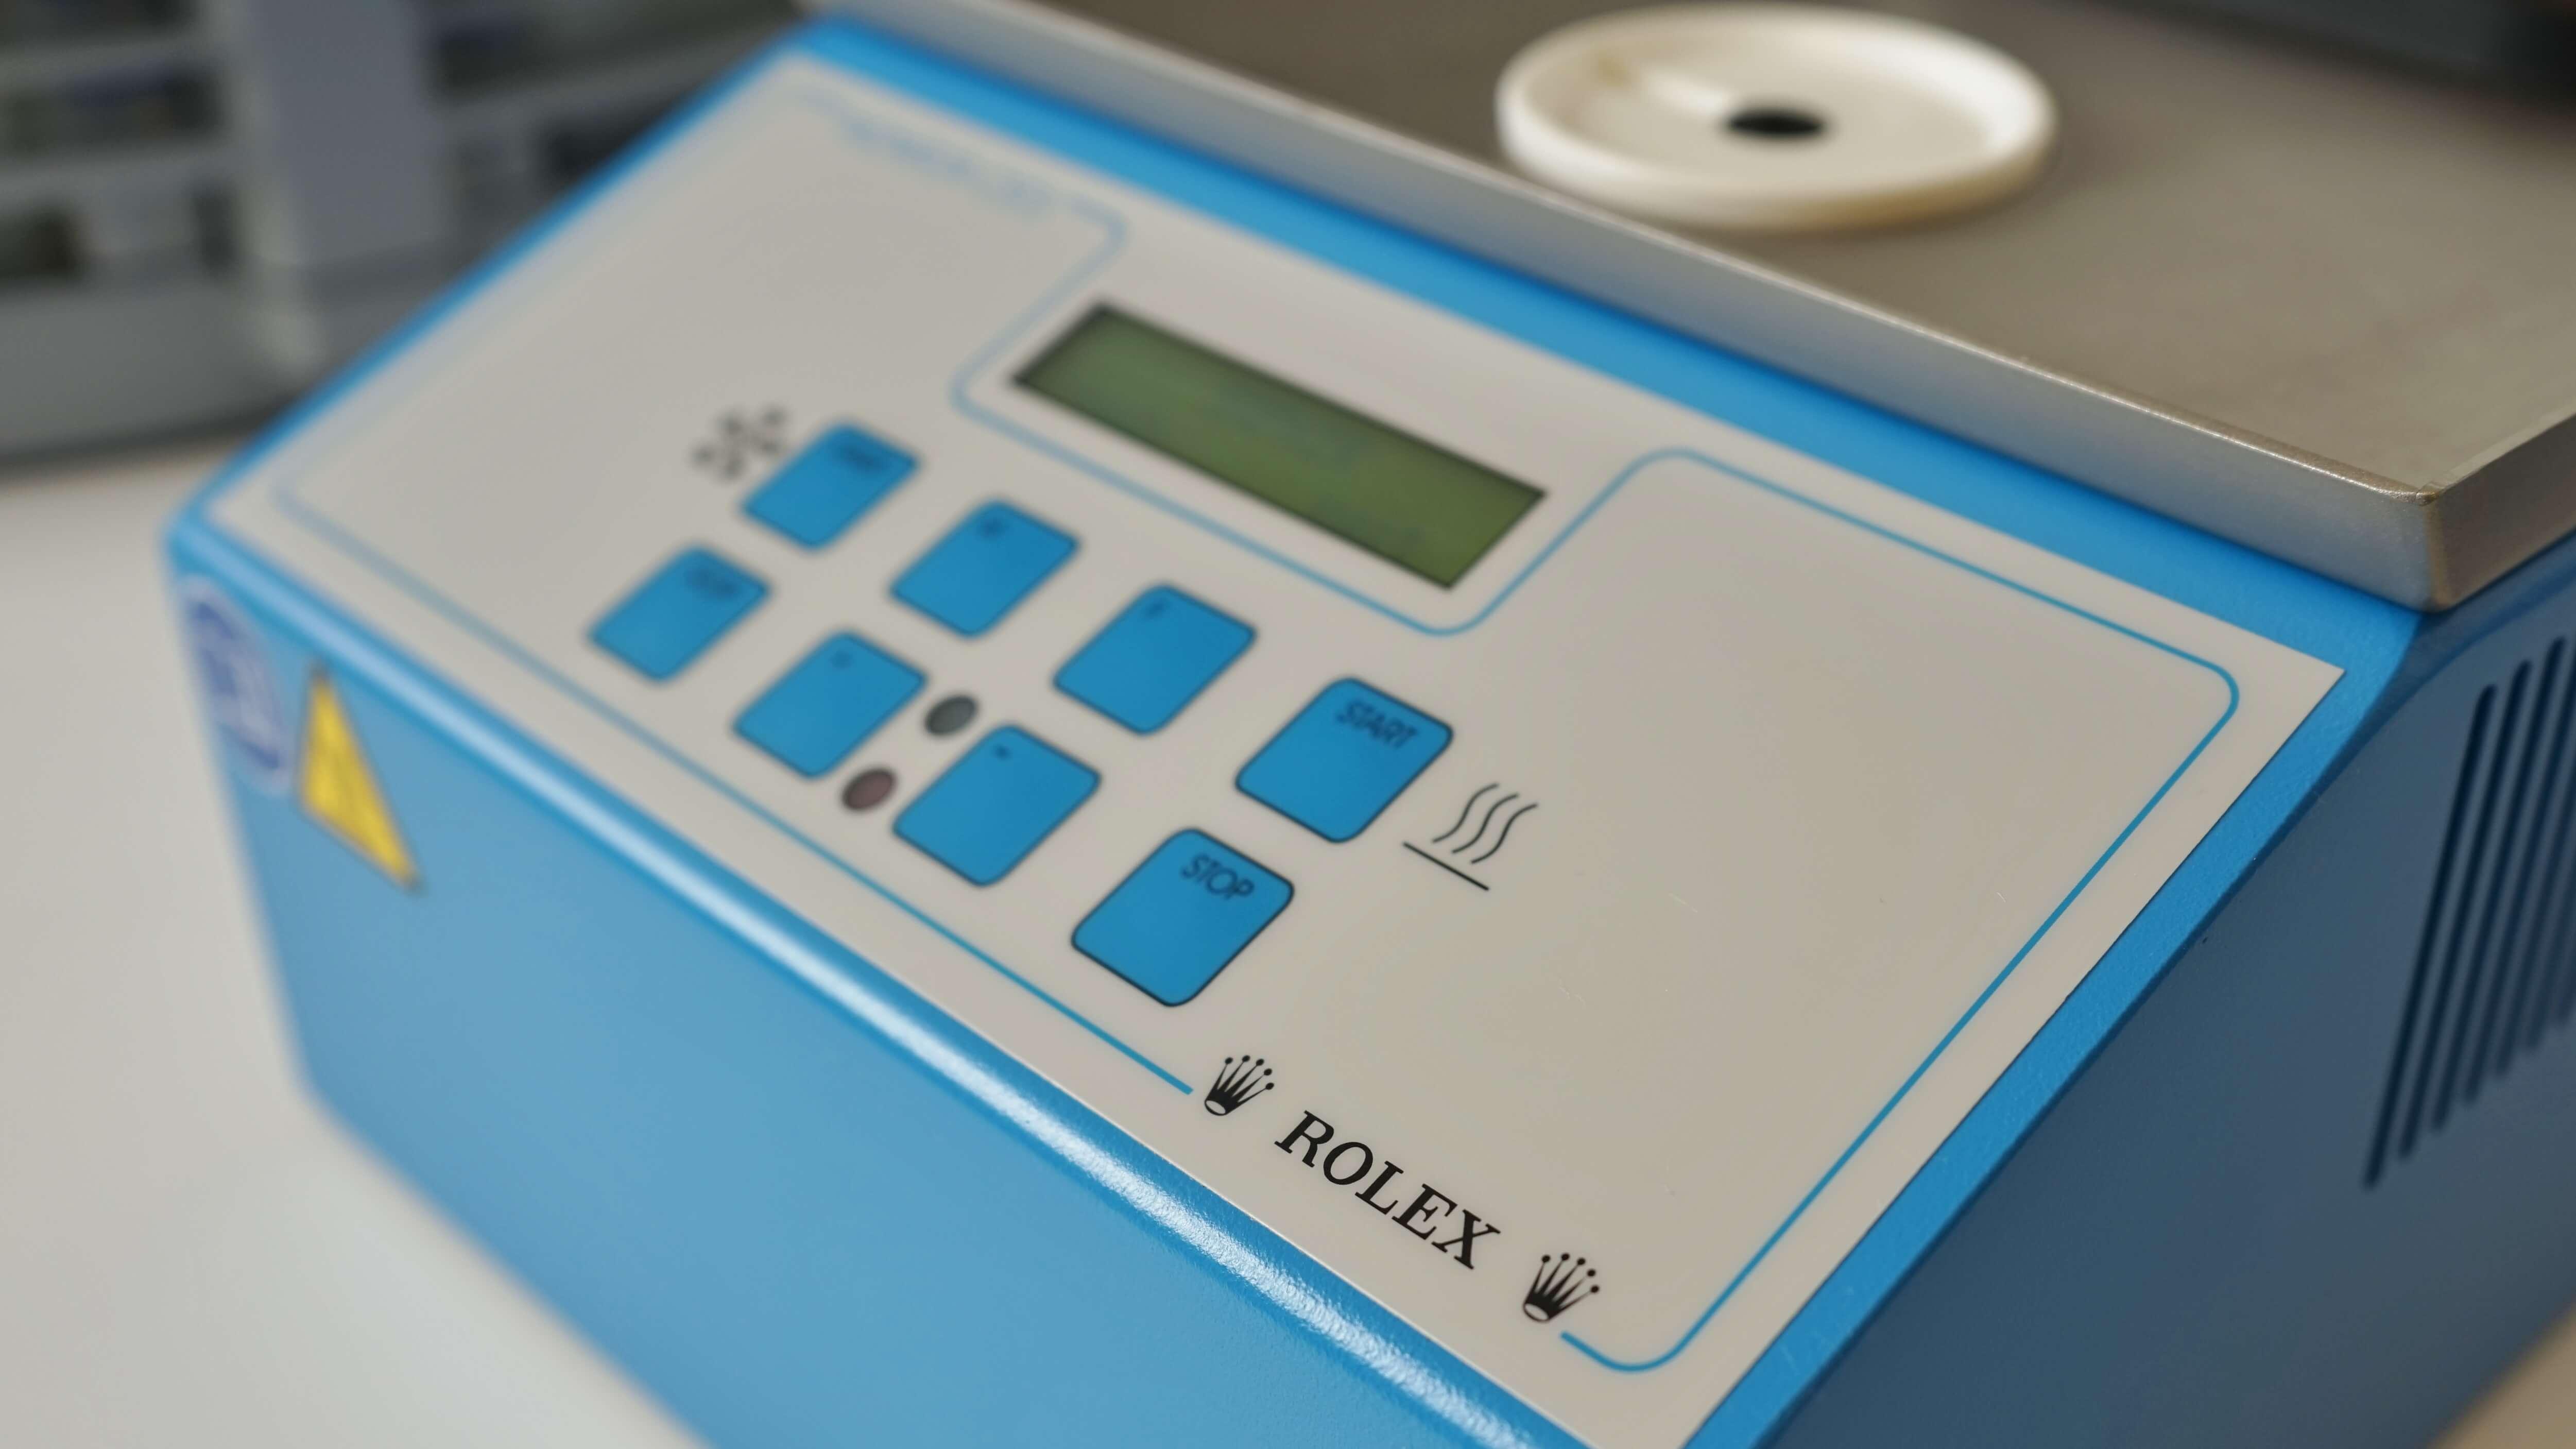 Rolex condensation tester